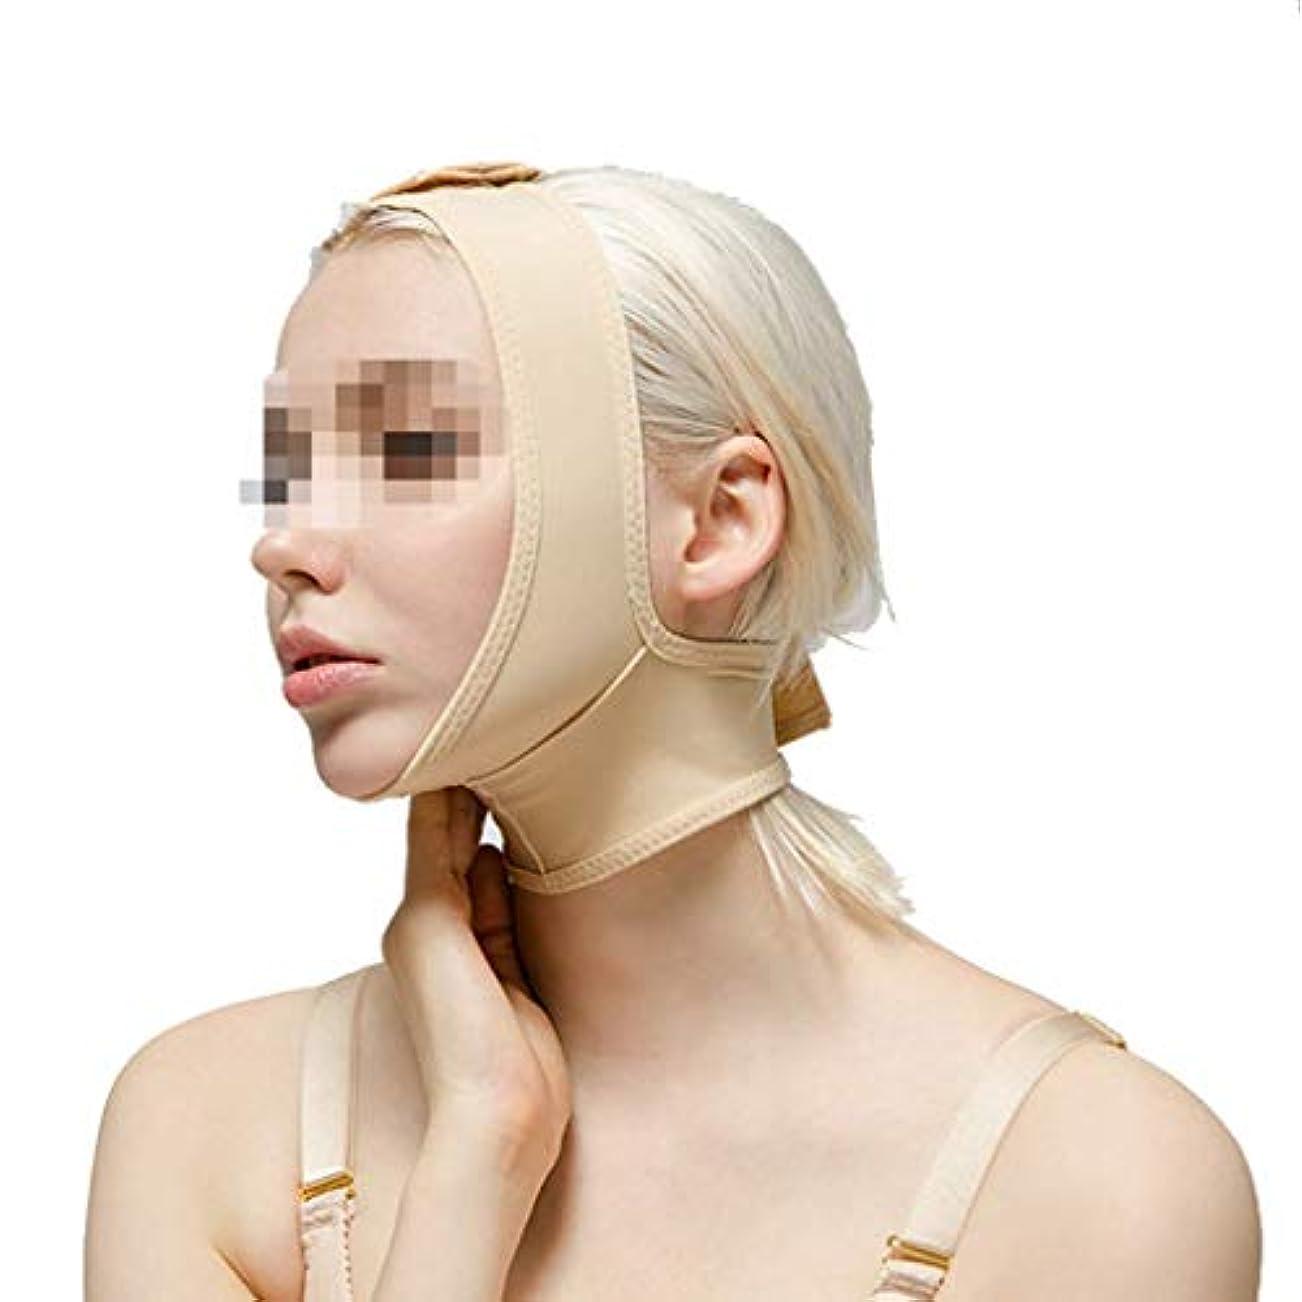 アジアばかげた繊維術後伸縮性スリーブ、下顎束フェイスバンデージフェイシャルビームダブルチンシンフェイスマスクマルチサイズオプション(サイズ:L),S